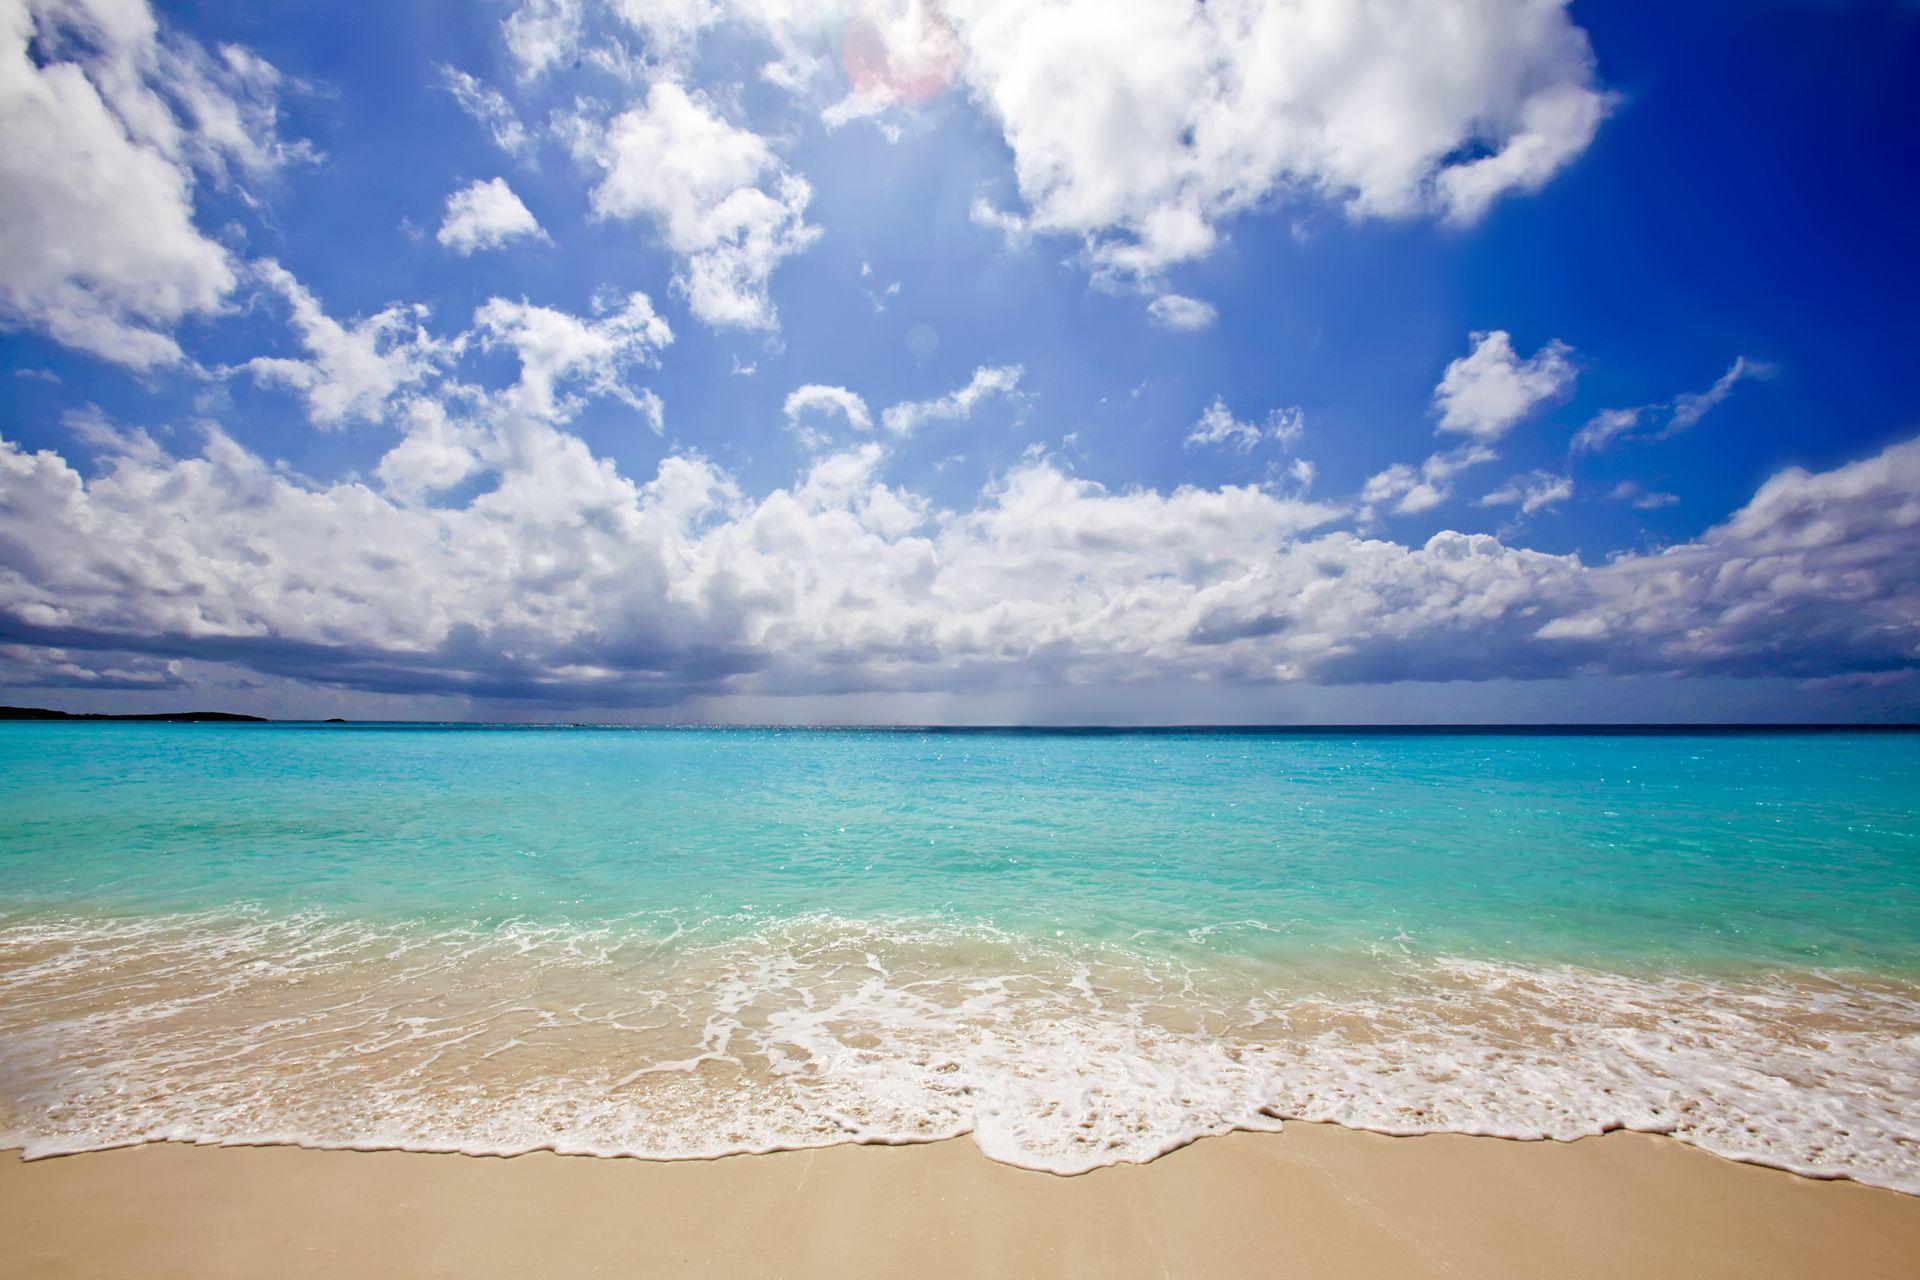 Beach HD Wallpapers Backgrounds Wallpaper Beachimageshd Desktop Summer Iphone Live